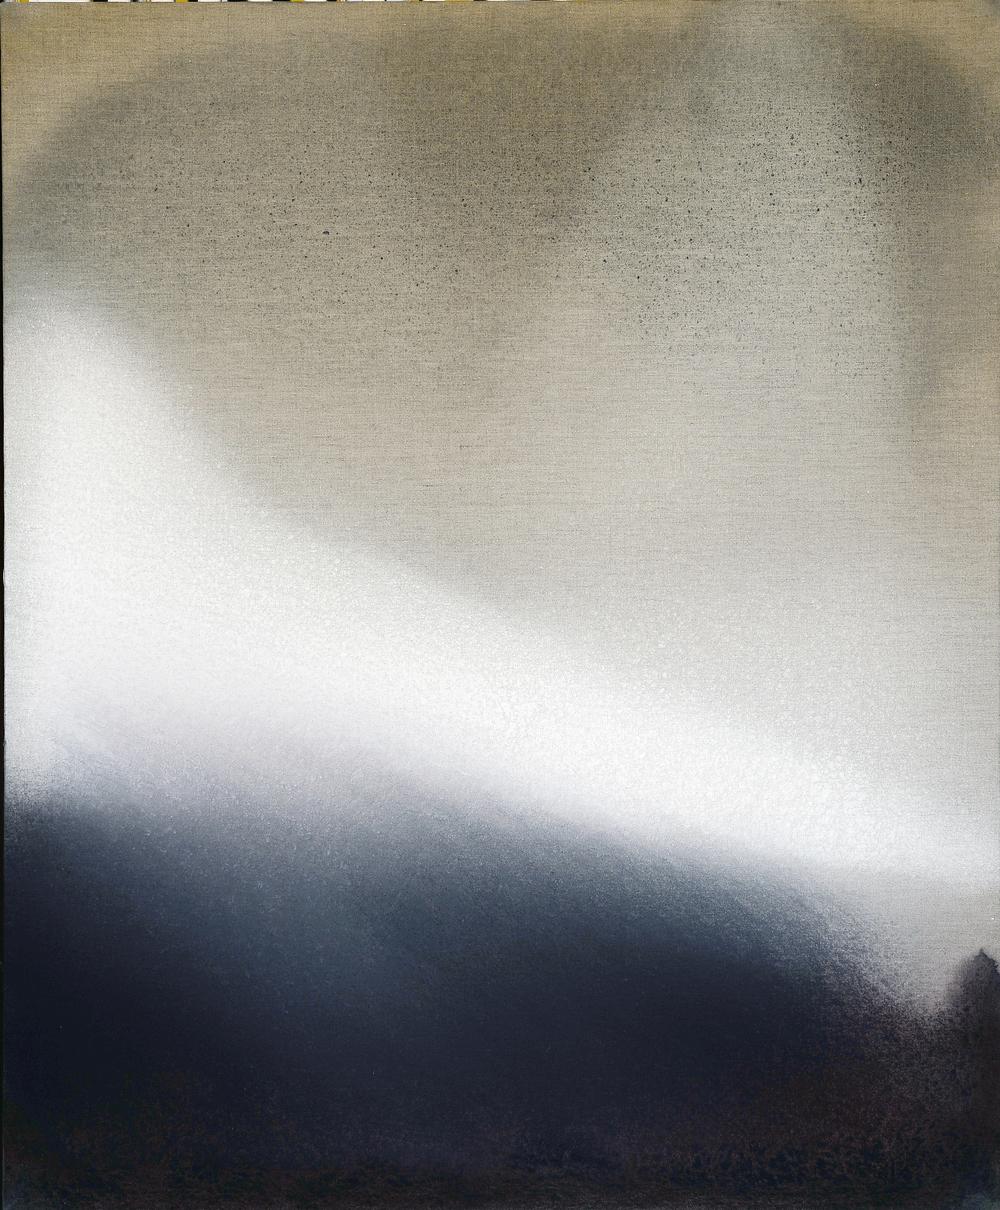 29 dicembre,2008, olio su tela, cm 110 x 90  29 dicembre, 2008, oil on canvas, cm 110 x 90